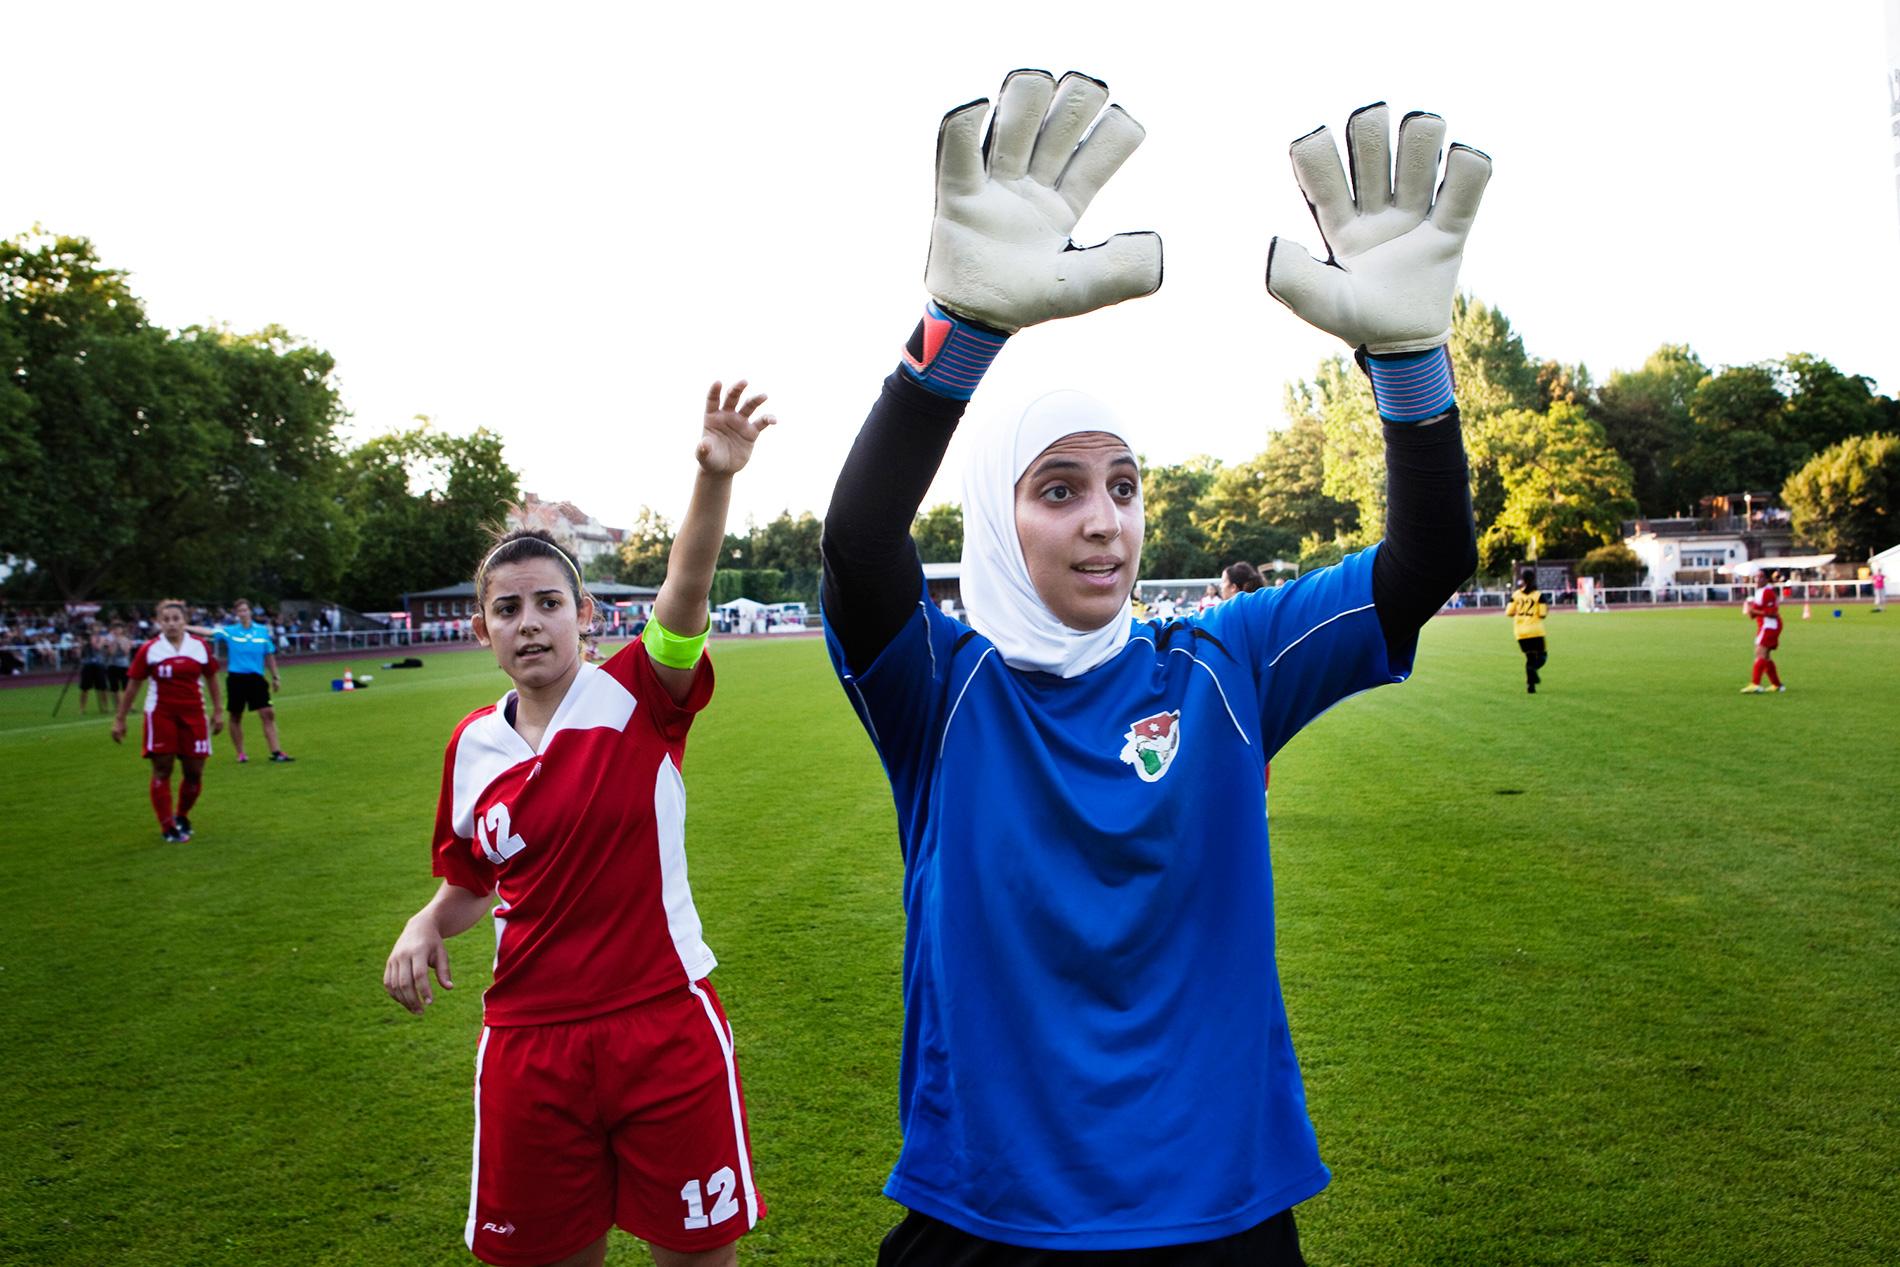 Arab women's soccer